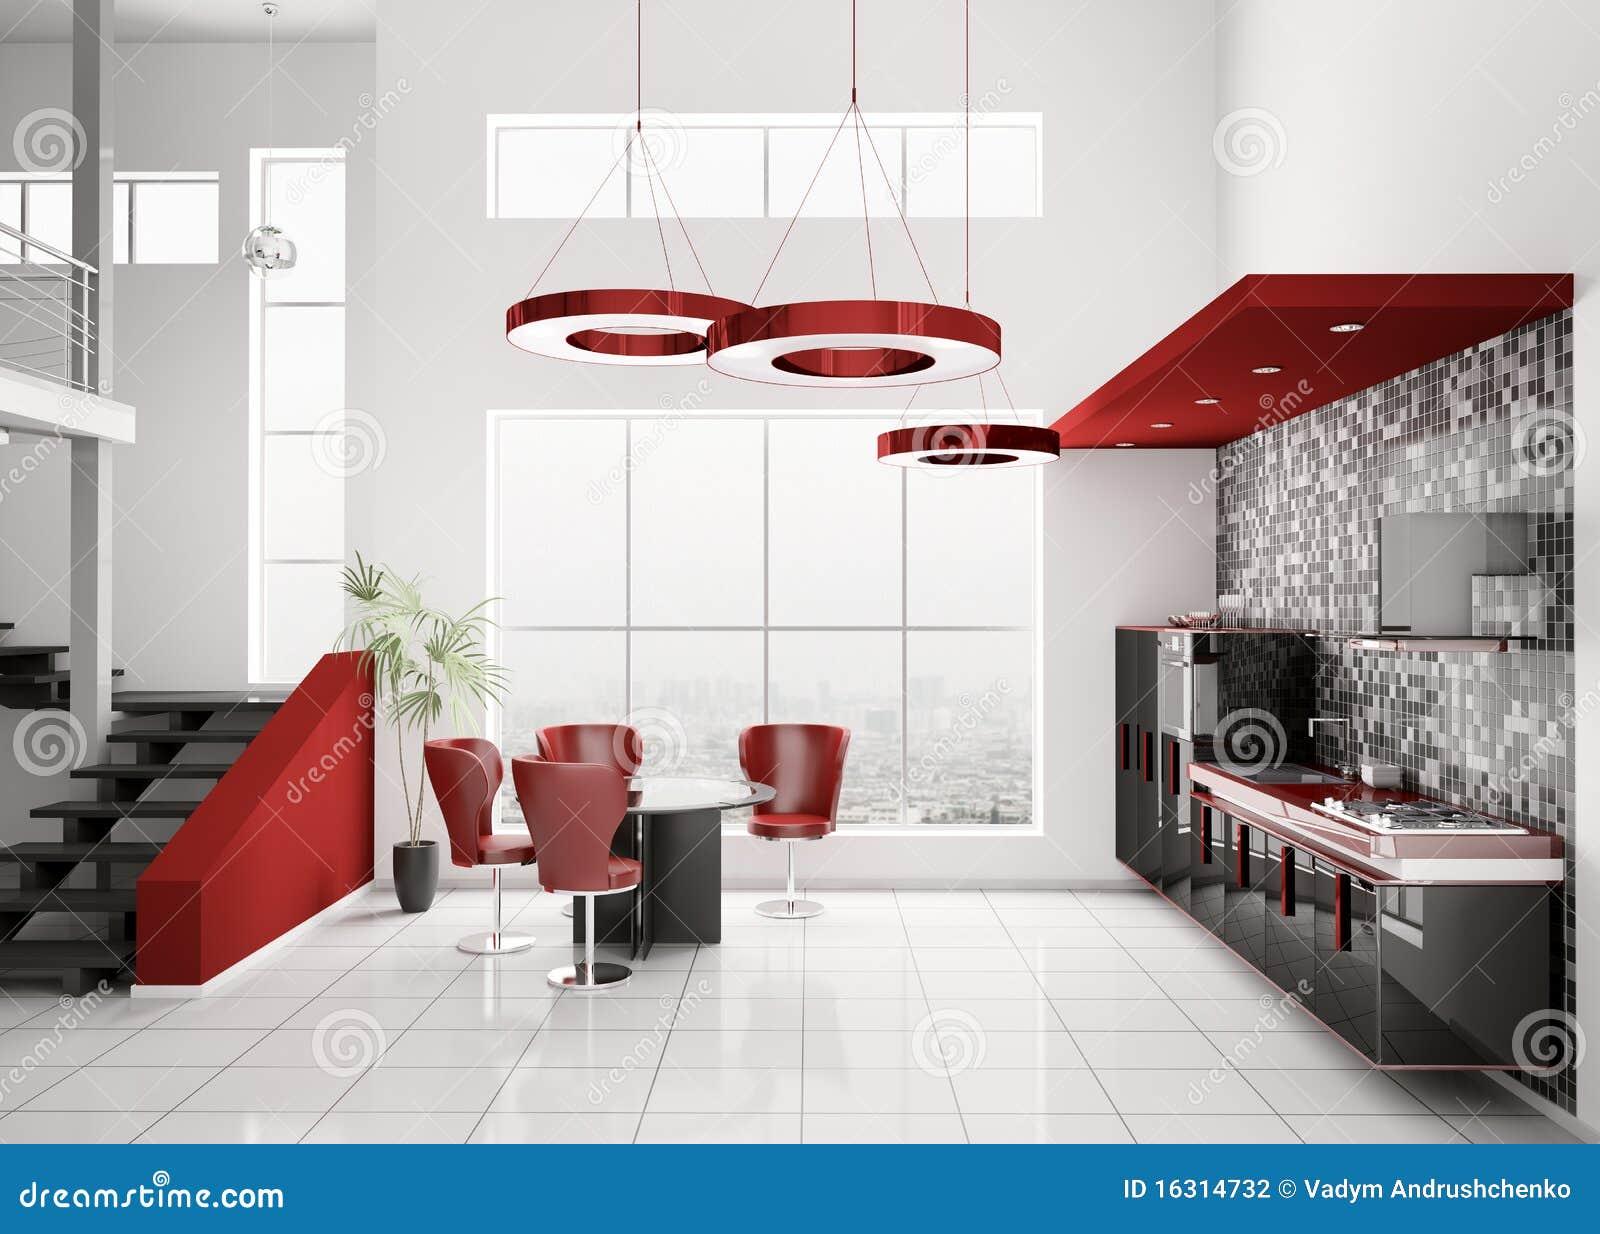 3d modern white kitchen stock image 71955541. Black Bedroom Furniture Sets. Home Design Ideas